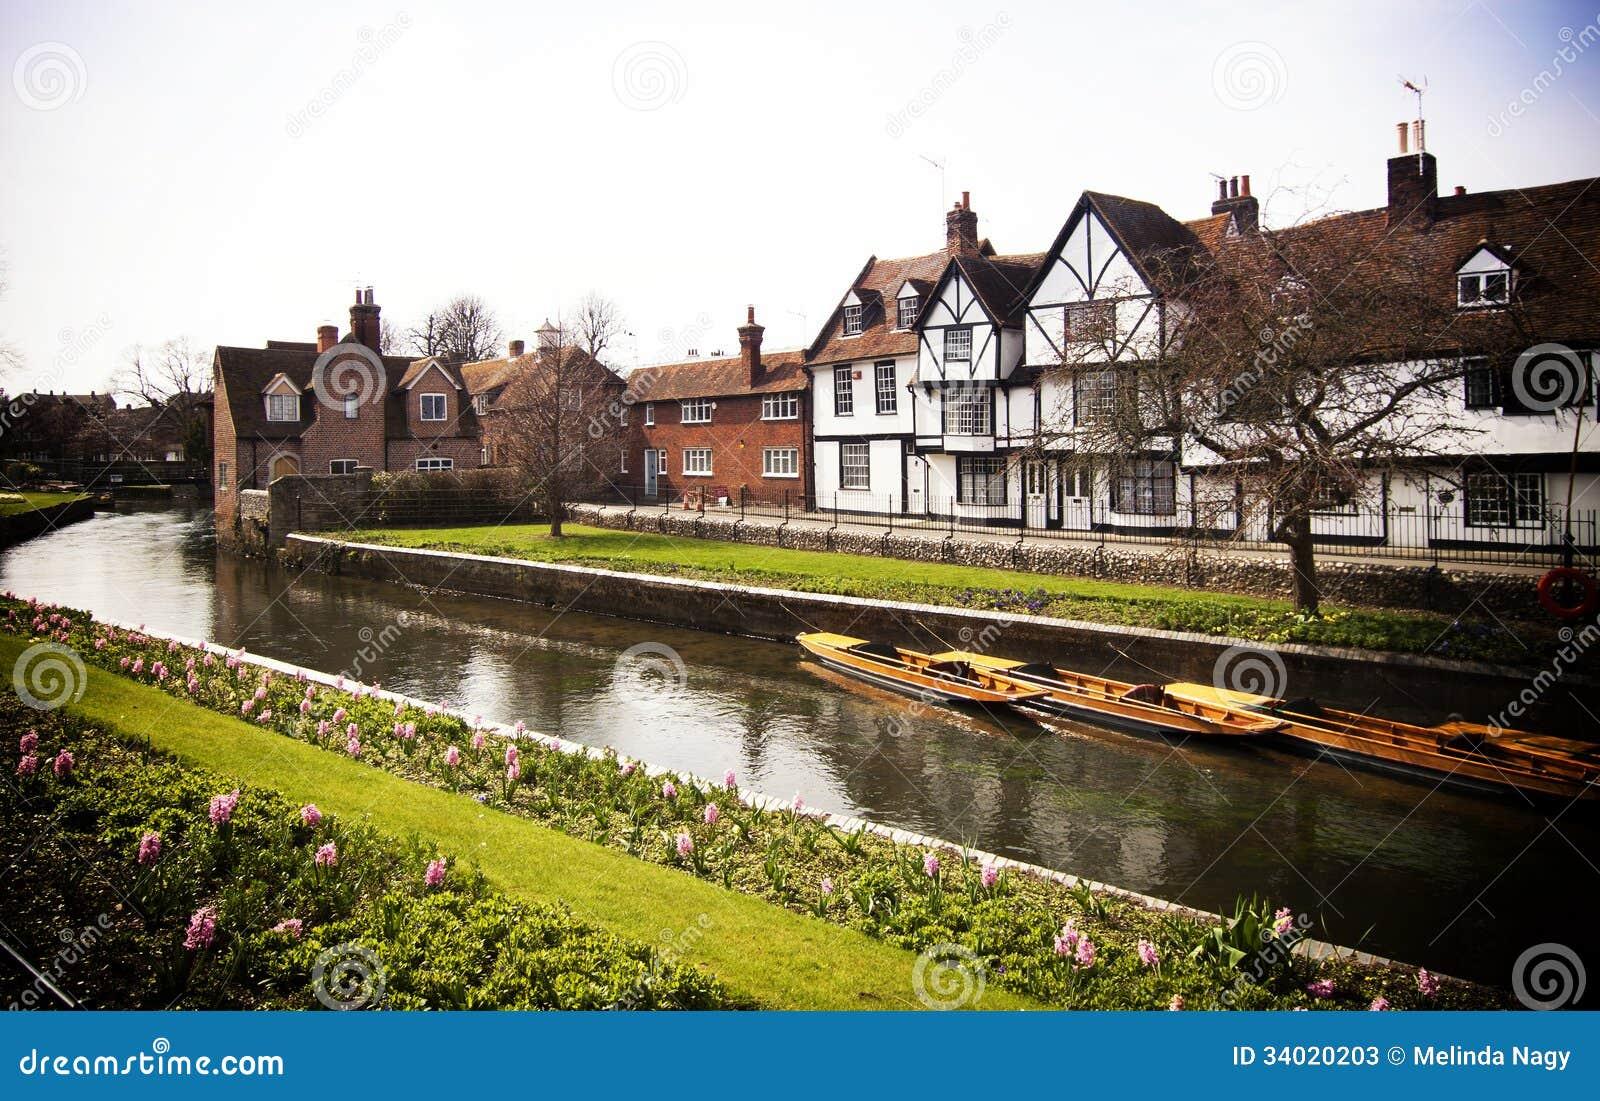 Riverside Scenery On T...